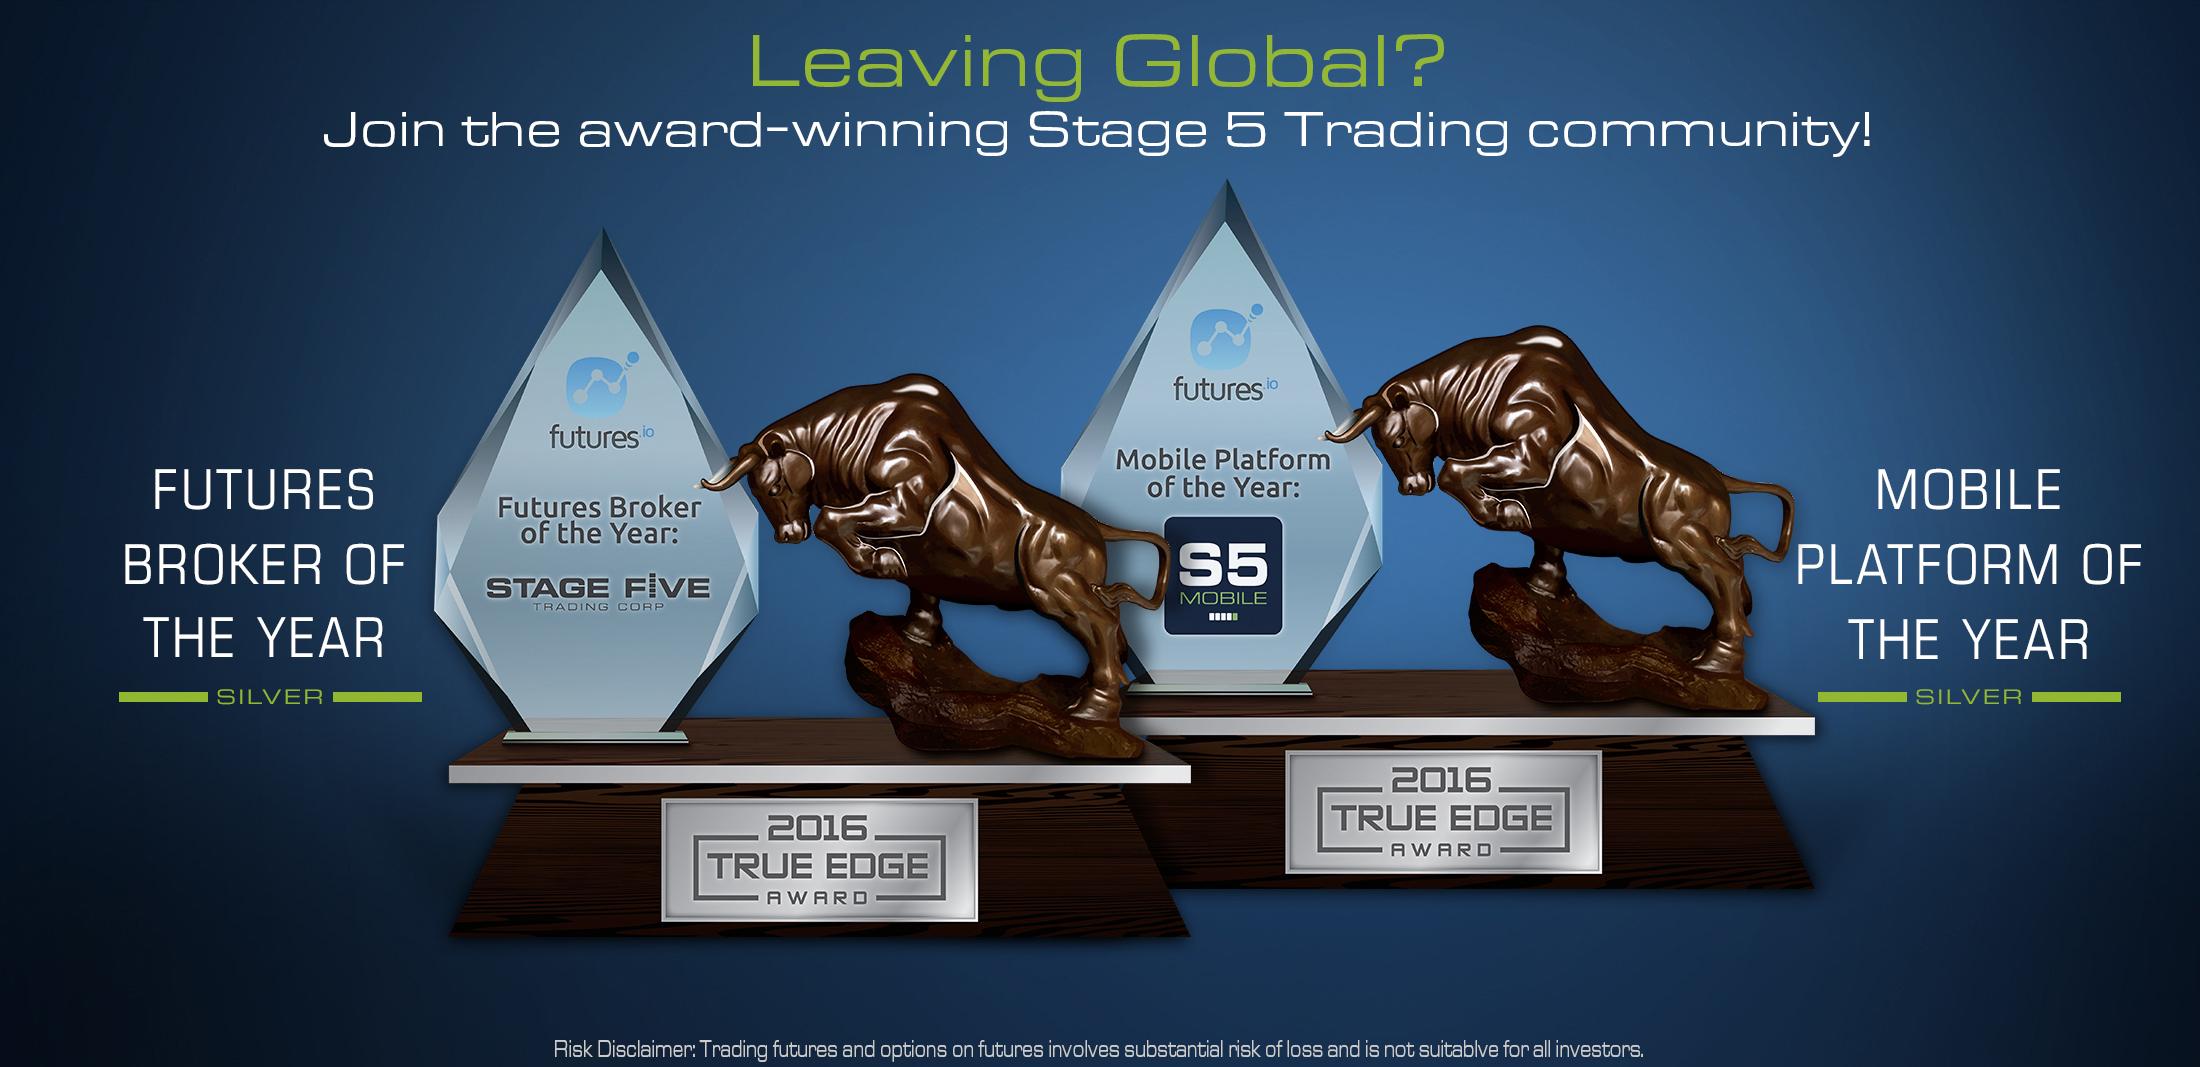 Leaving Global?